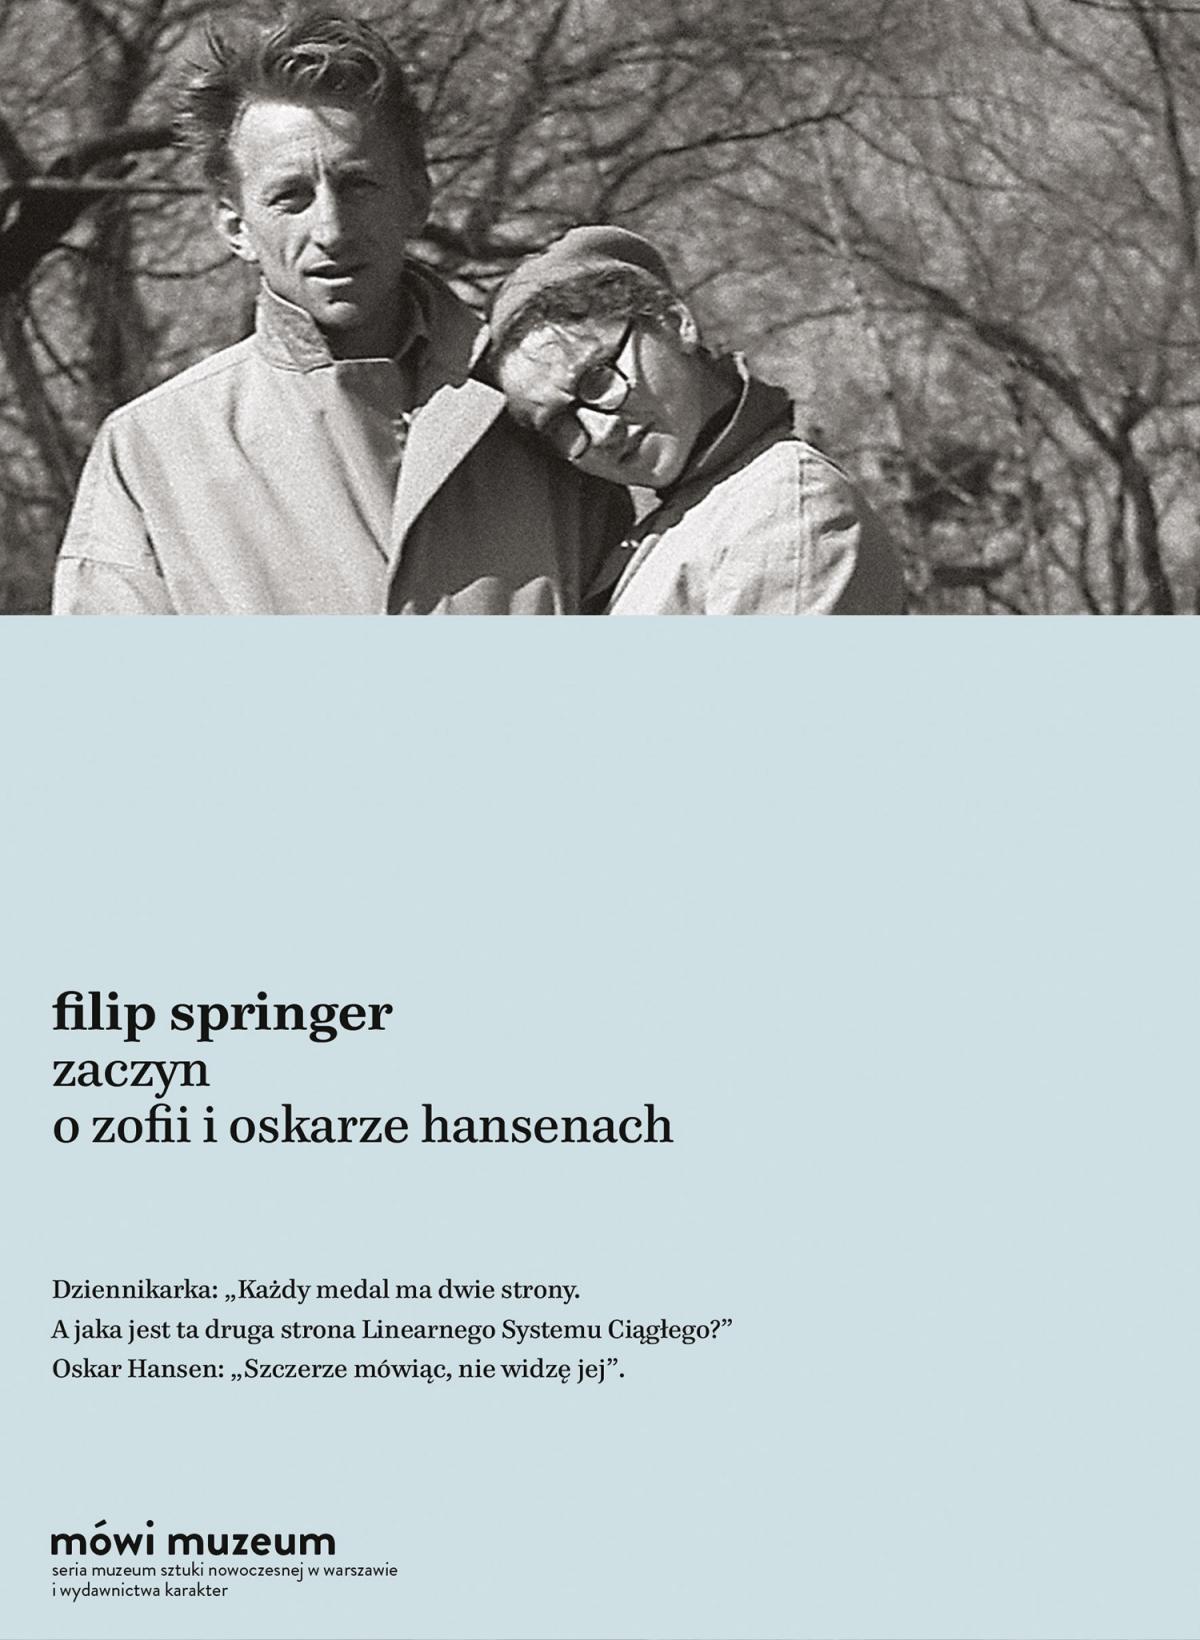 Zaczyn. O Zofii i Oskarze Hansenach - Ebook (Książka EPUB) do pobrania w formacie EPUB